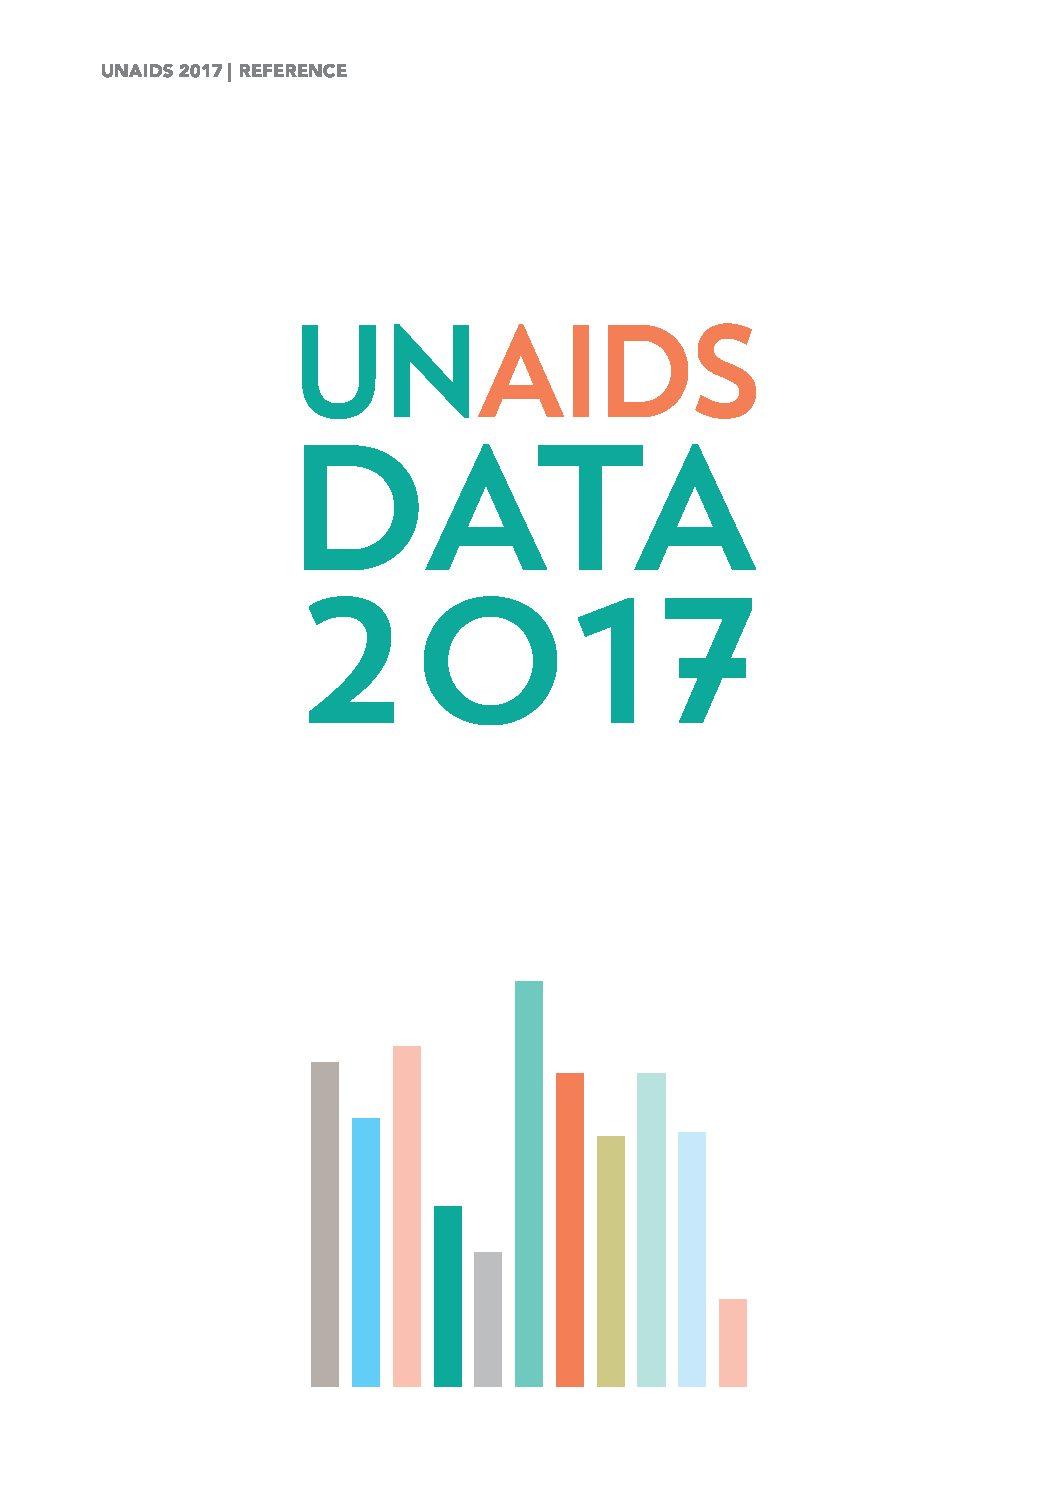 UNAIDS DATA 2017